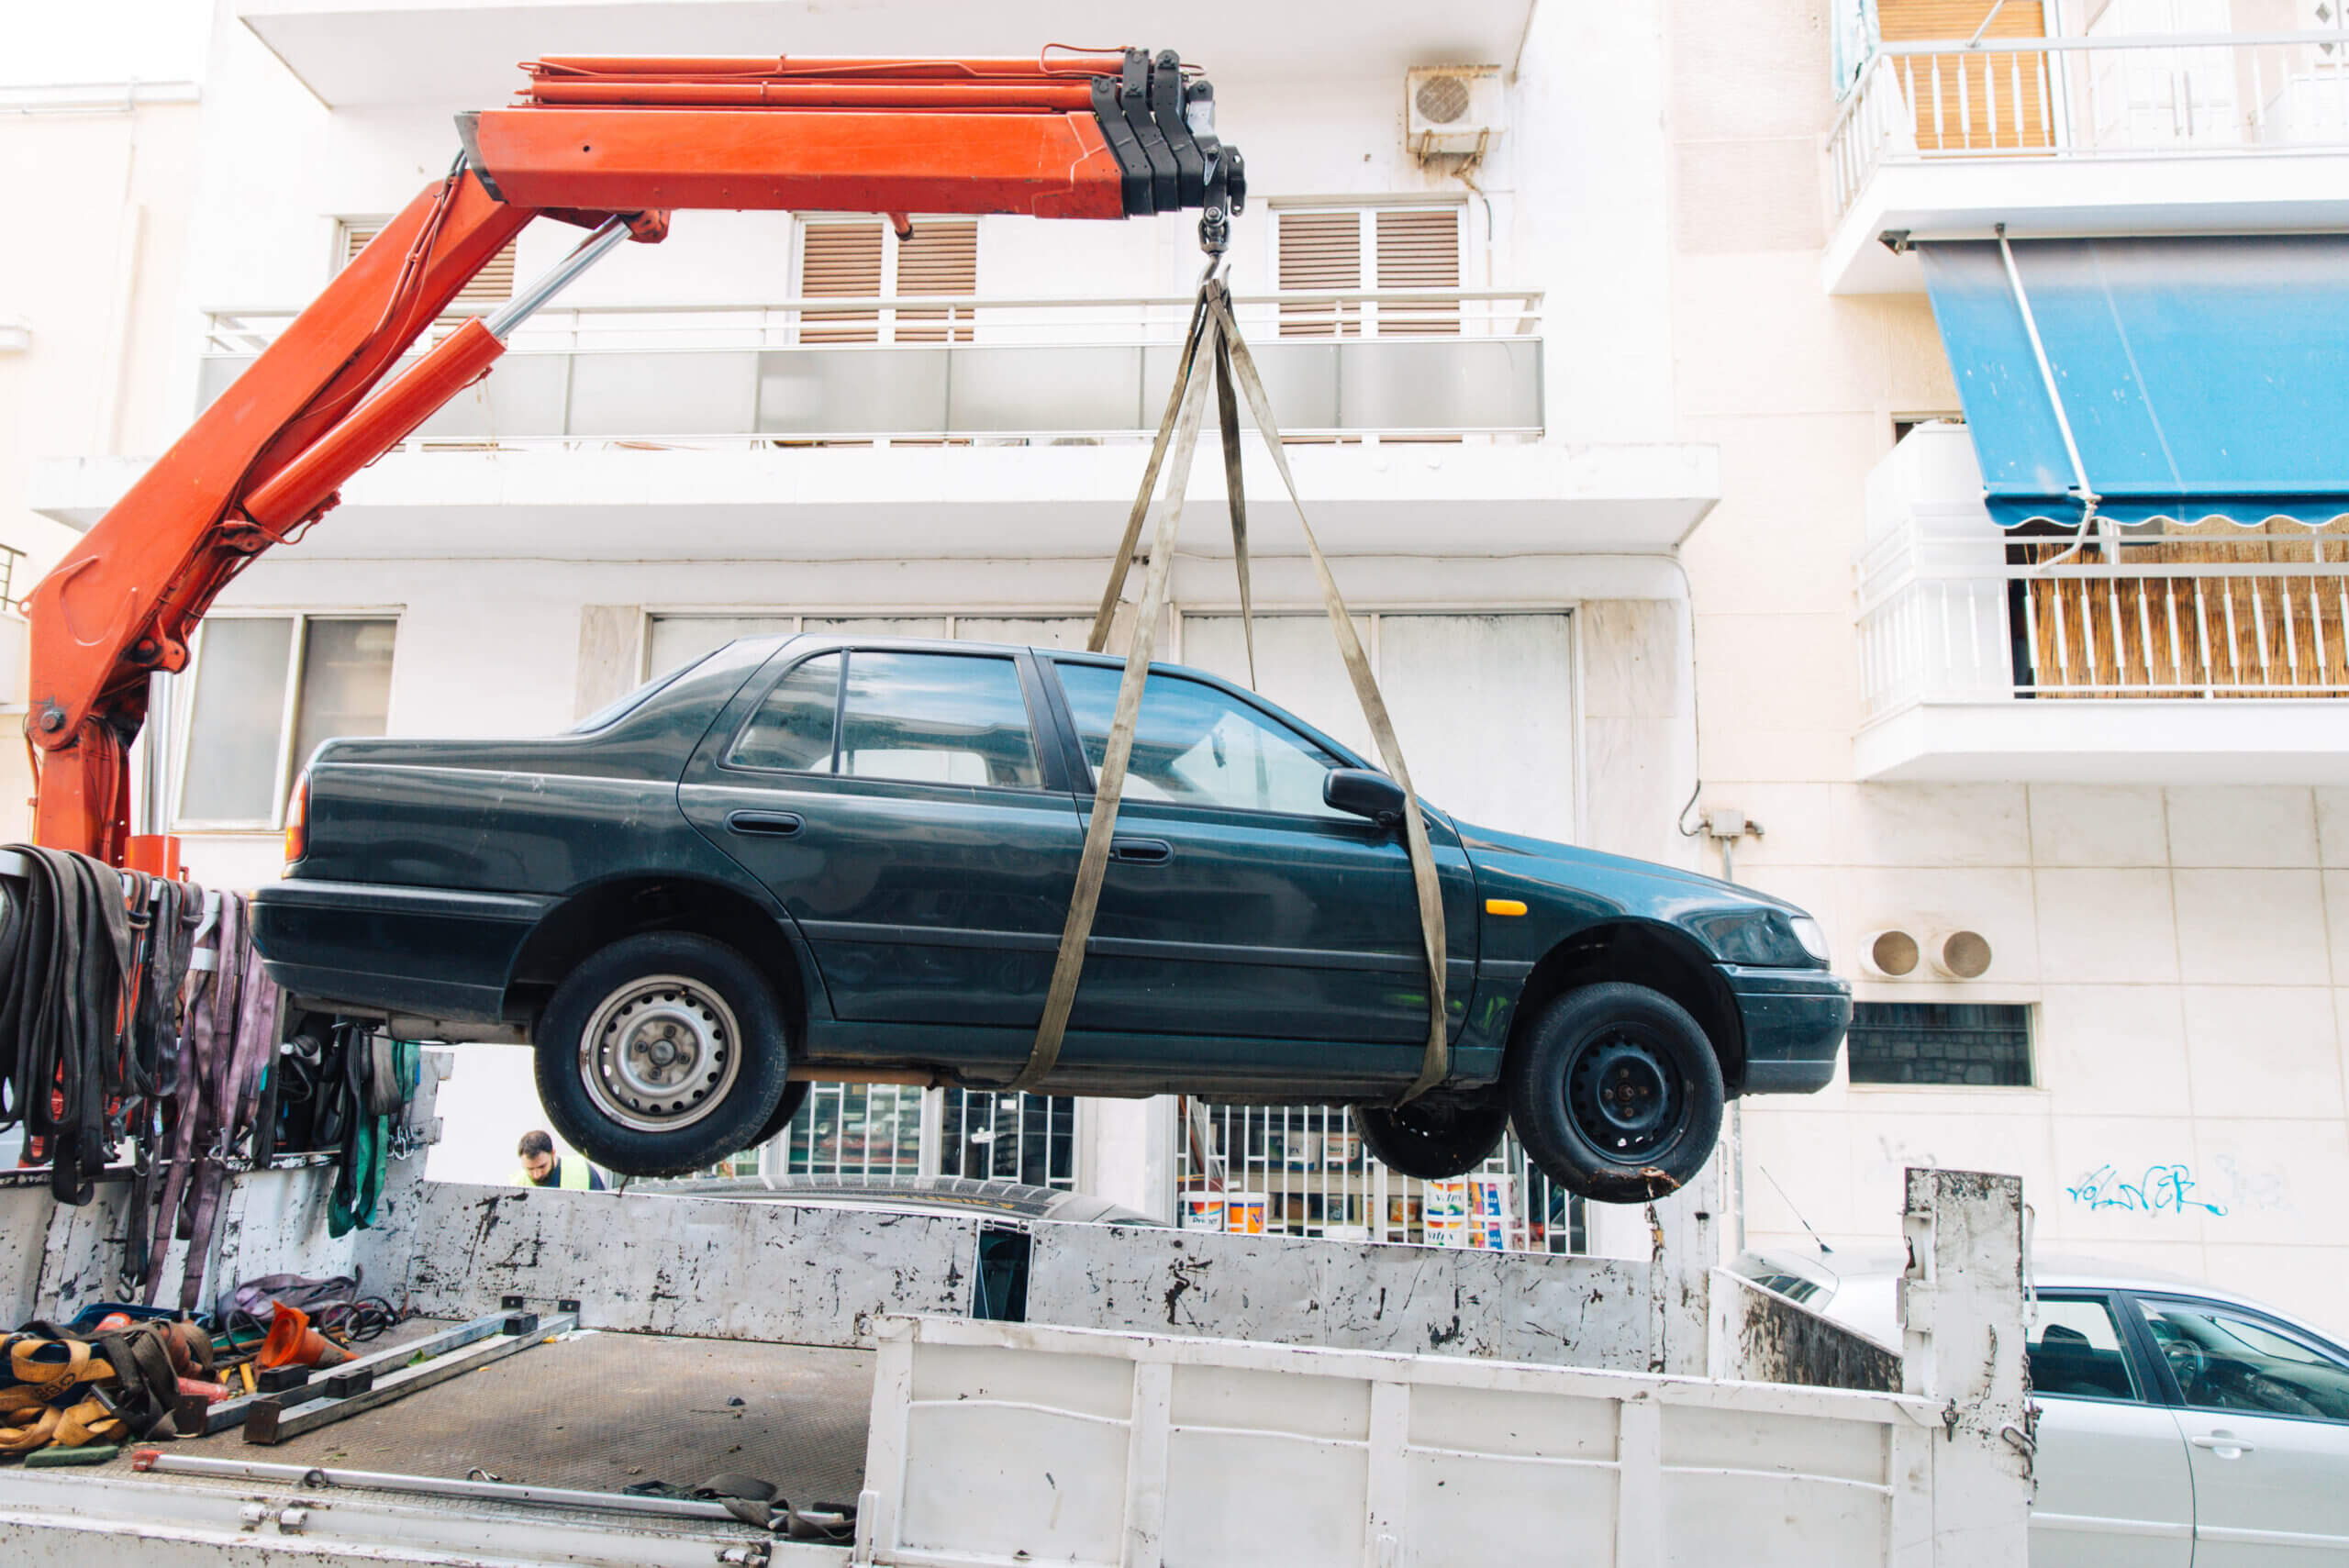 Πάνω από 2.300 εγκαταλελειμμένα οχήματα απομακρύνθηκαν από τον Δήμο Αθηναίων